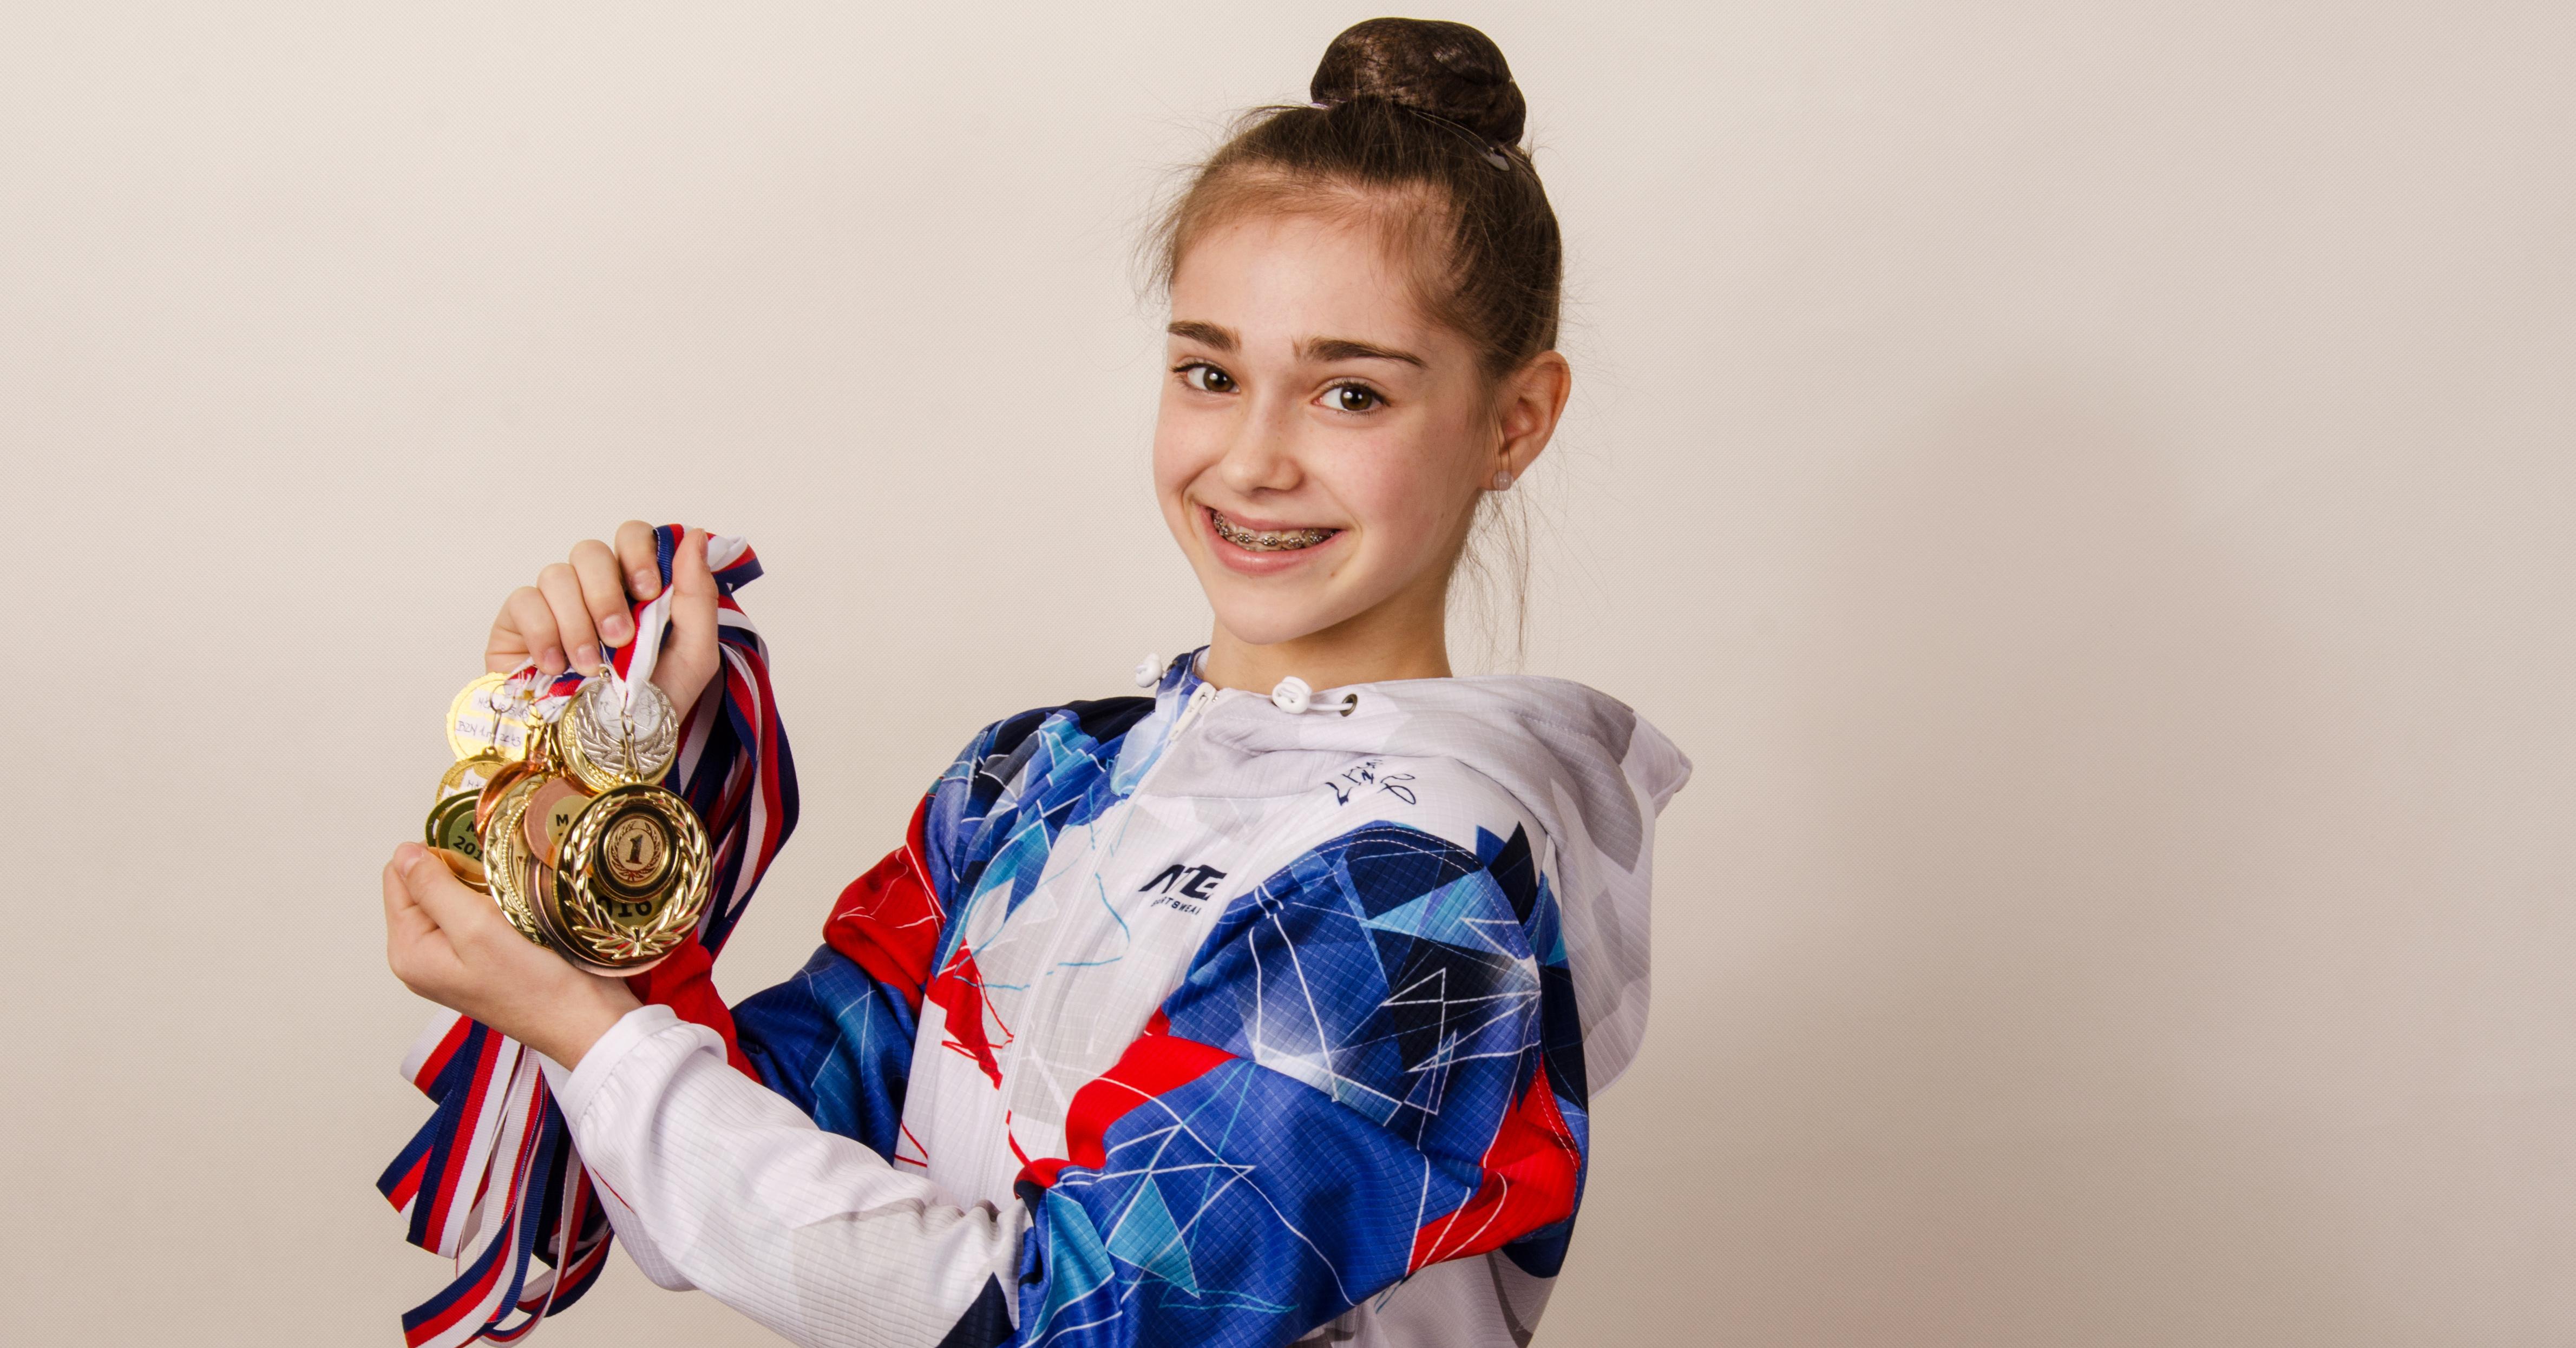 Další úspěch na domácí půdě. Gymnastka z Brna bude reprezentovat Česko na Mistrovství Evropy jako nejmladší v historii